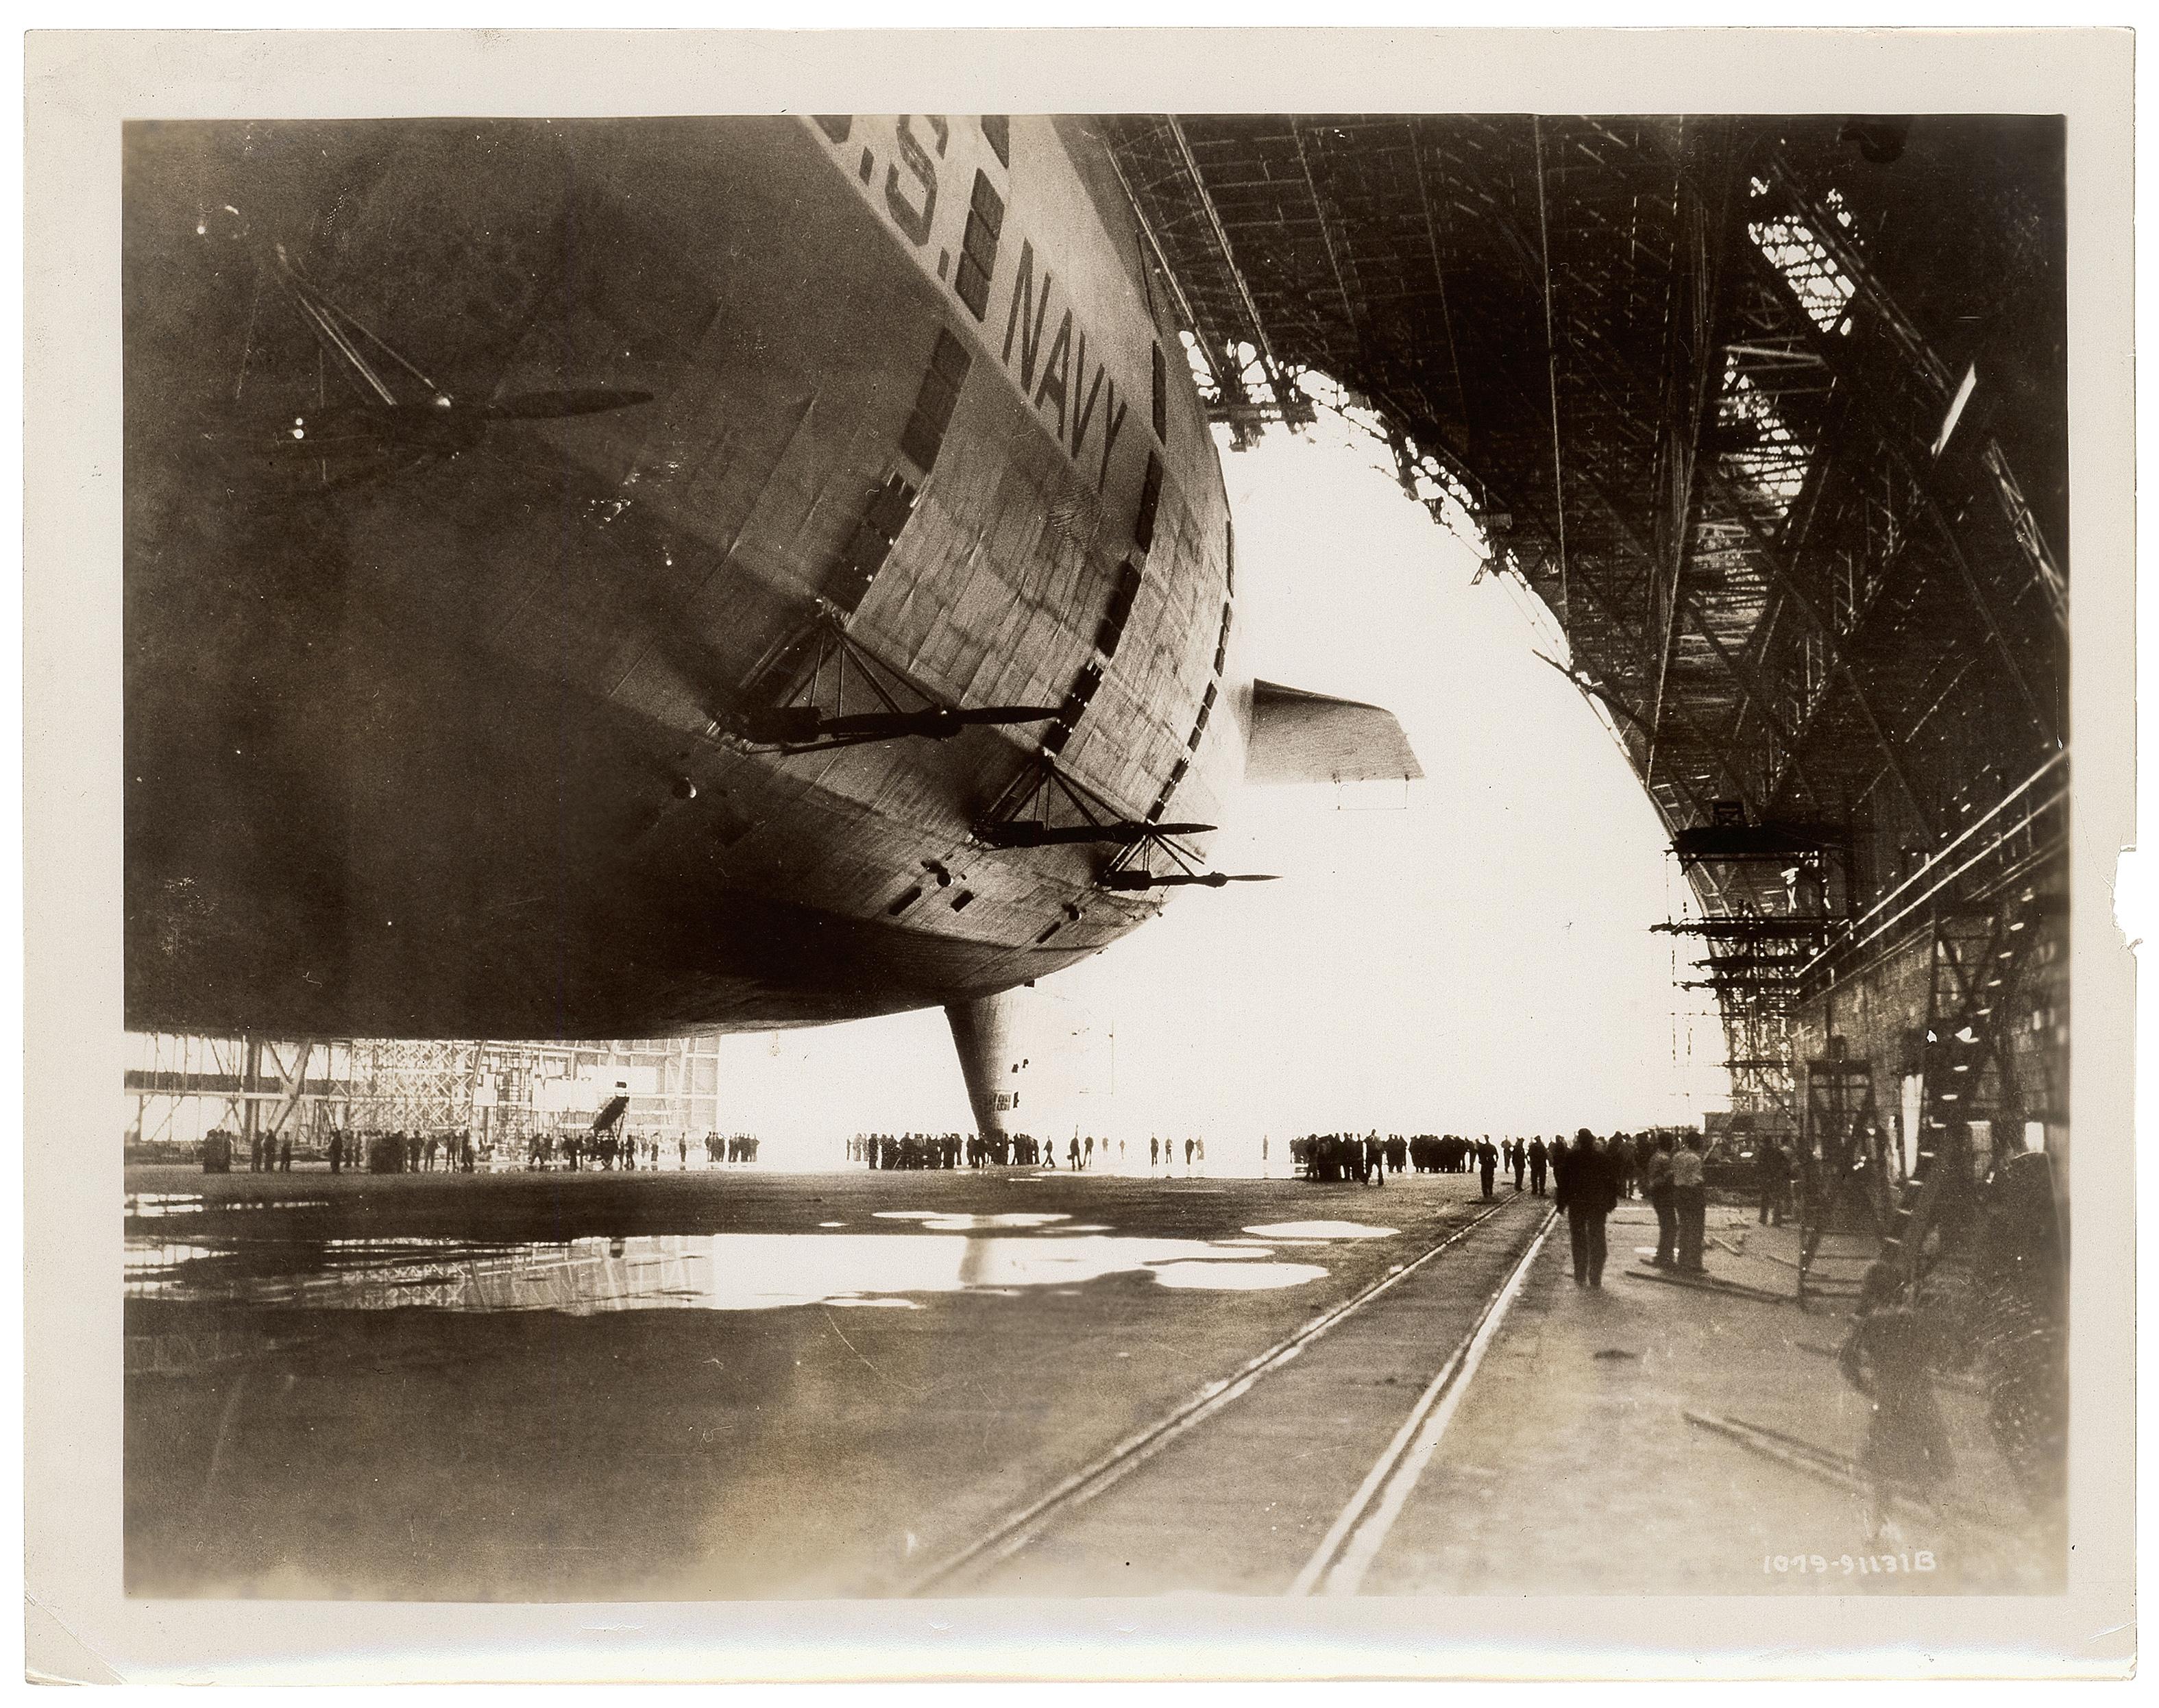 Hintergrundbilder : Ohio, Flugzeug, Luftfahrt, Halle, Zeppelin ...